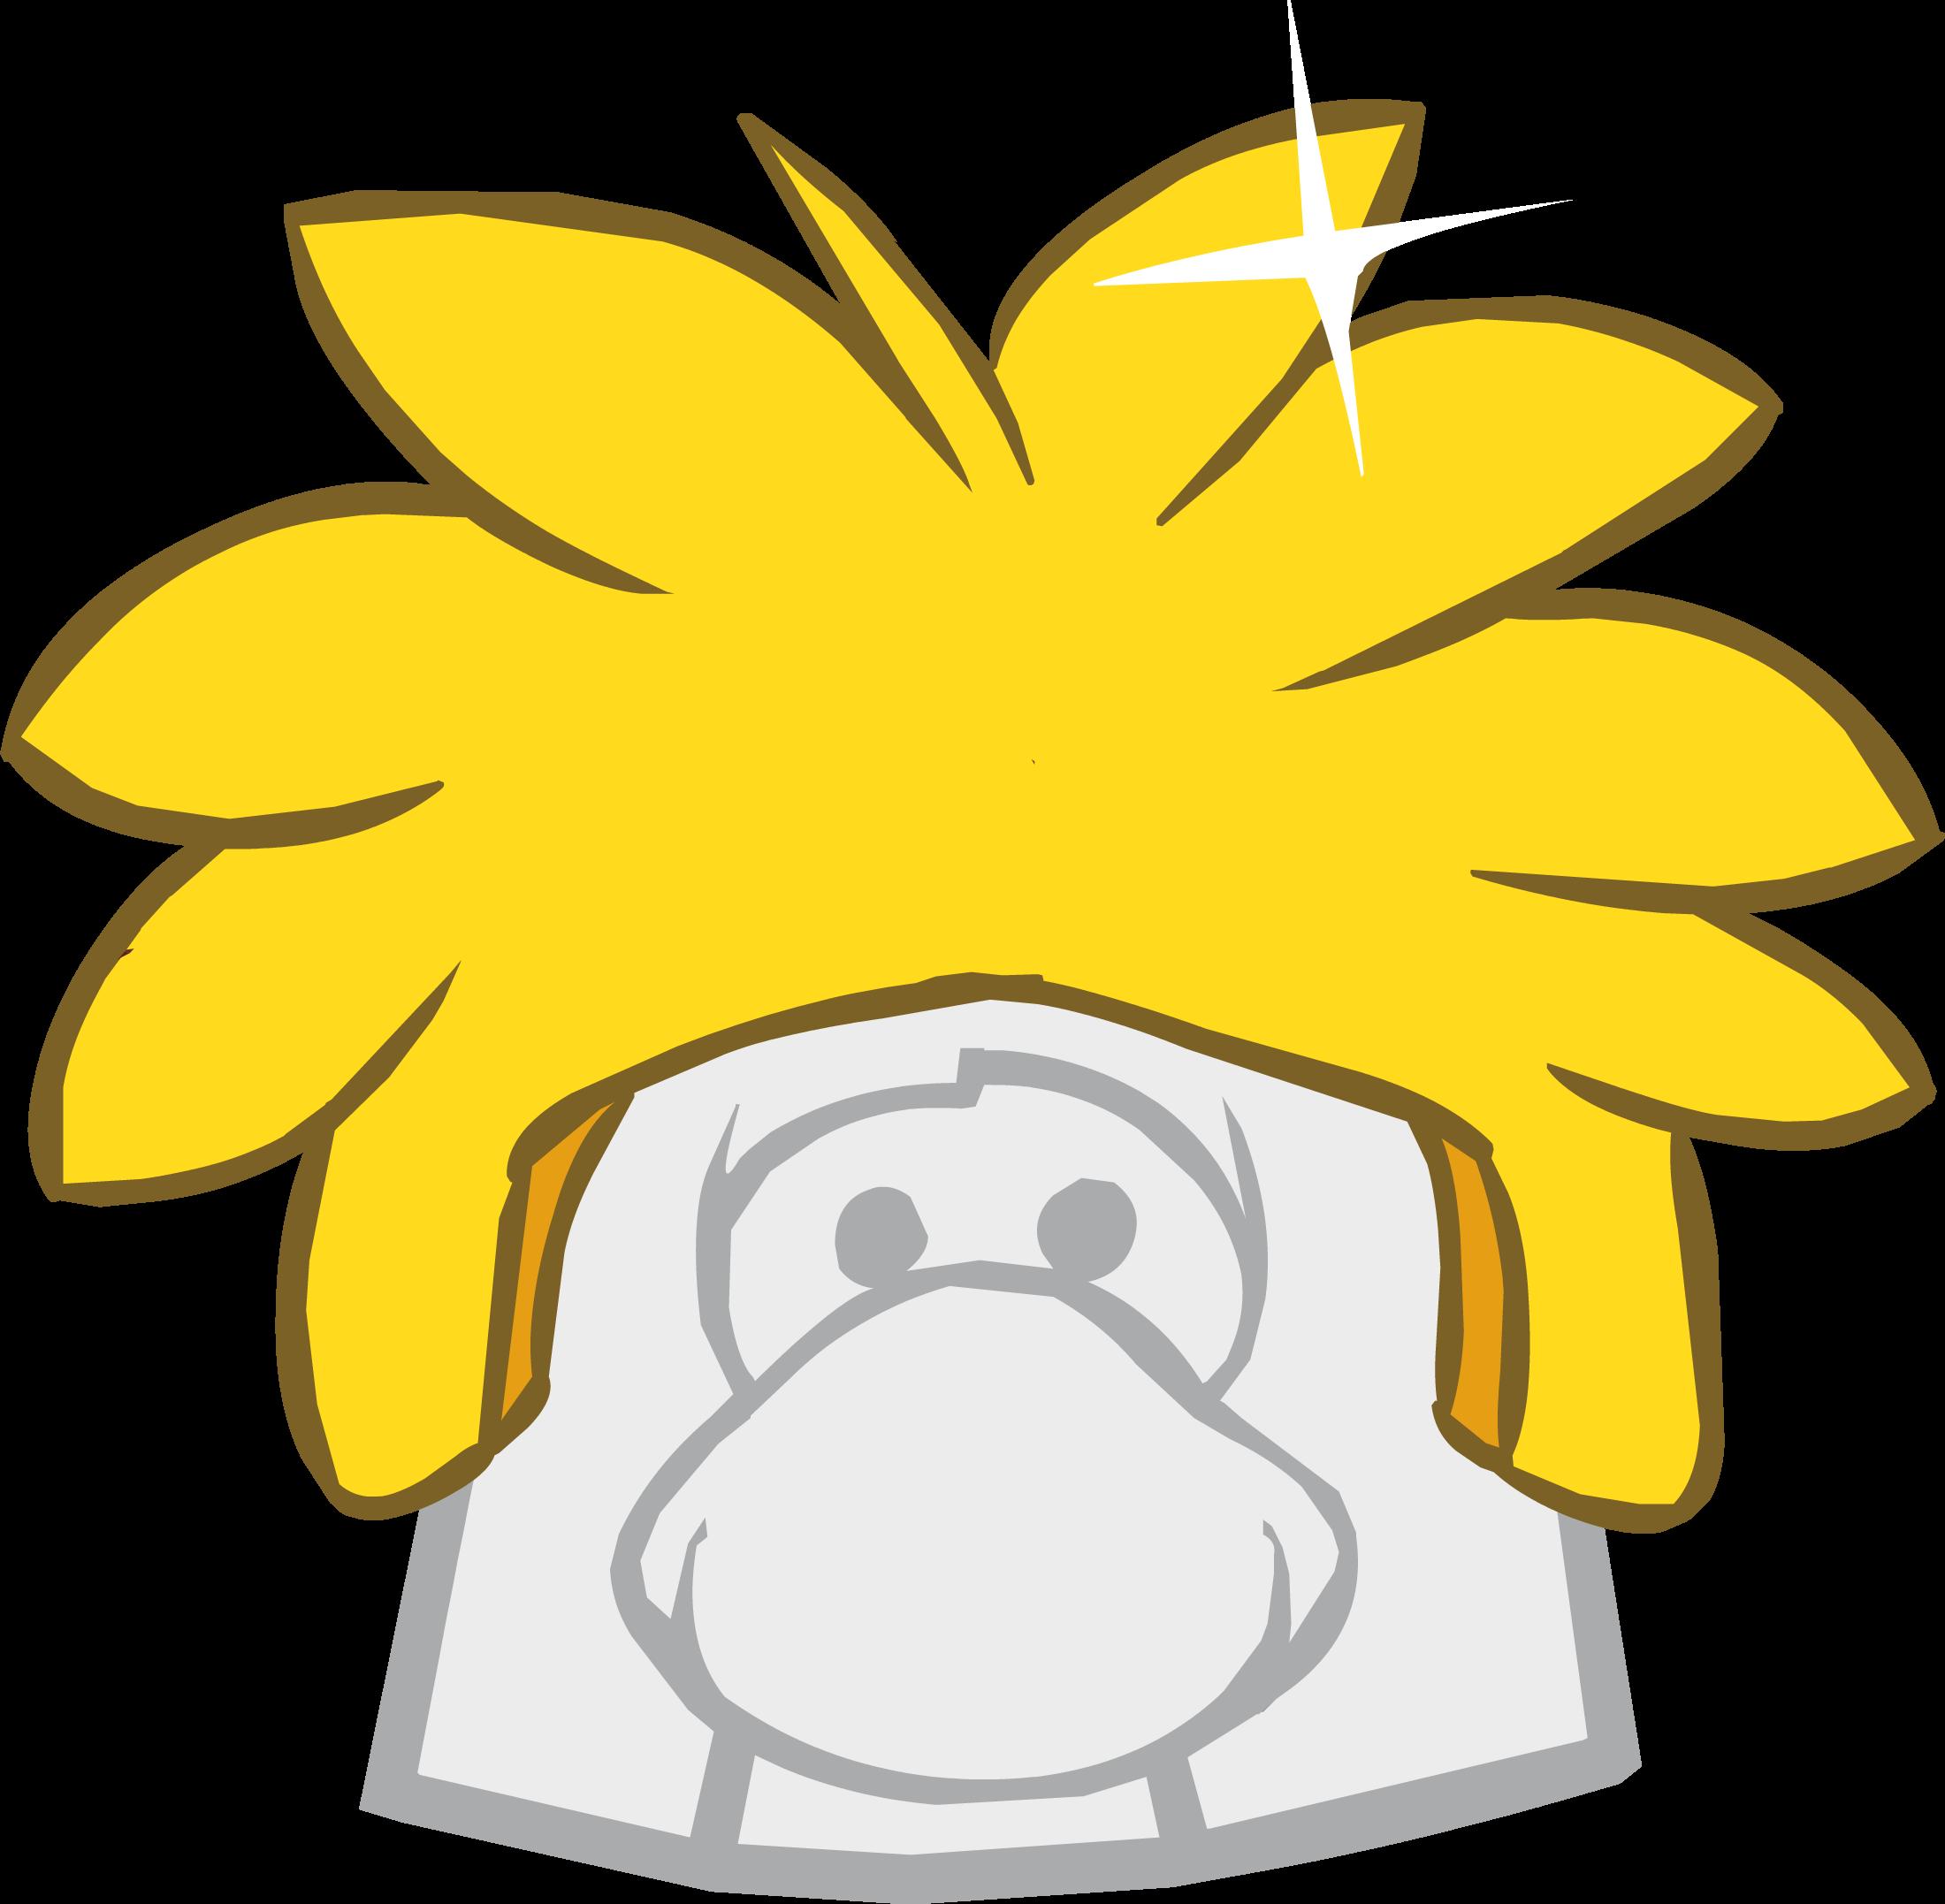 Gorro de Puffle Dorado